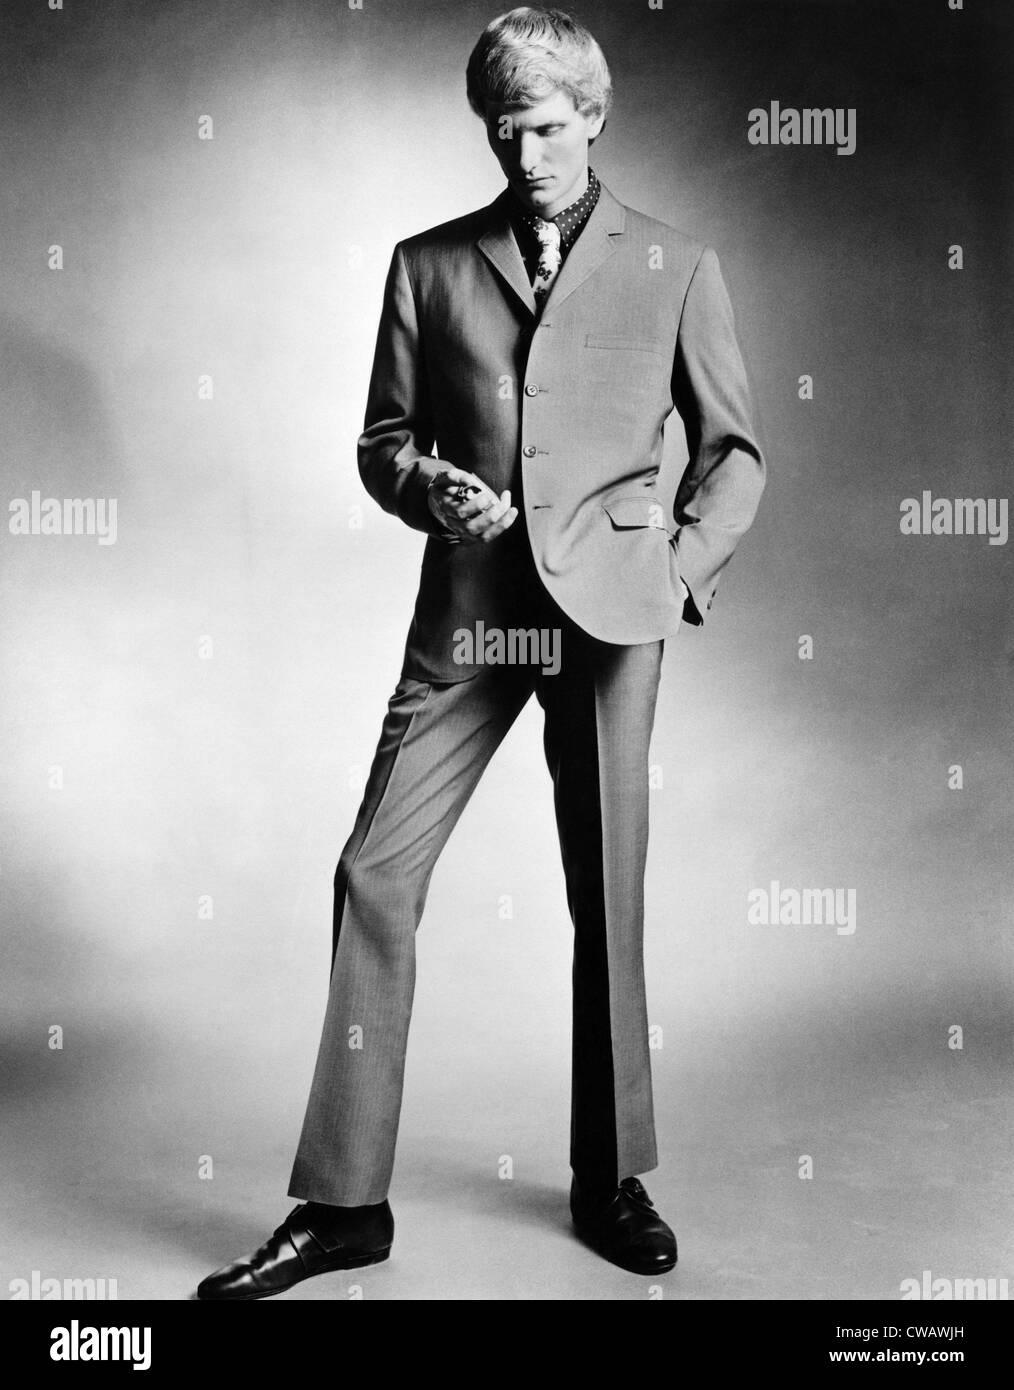 Un homme portant le 'look' de vitesse, vers 1966. Photo: Courtoisie: Archives CSU/Everett Collection Photo Stock